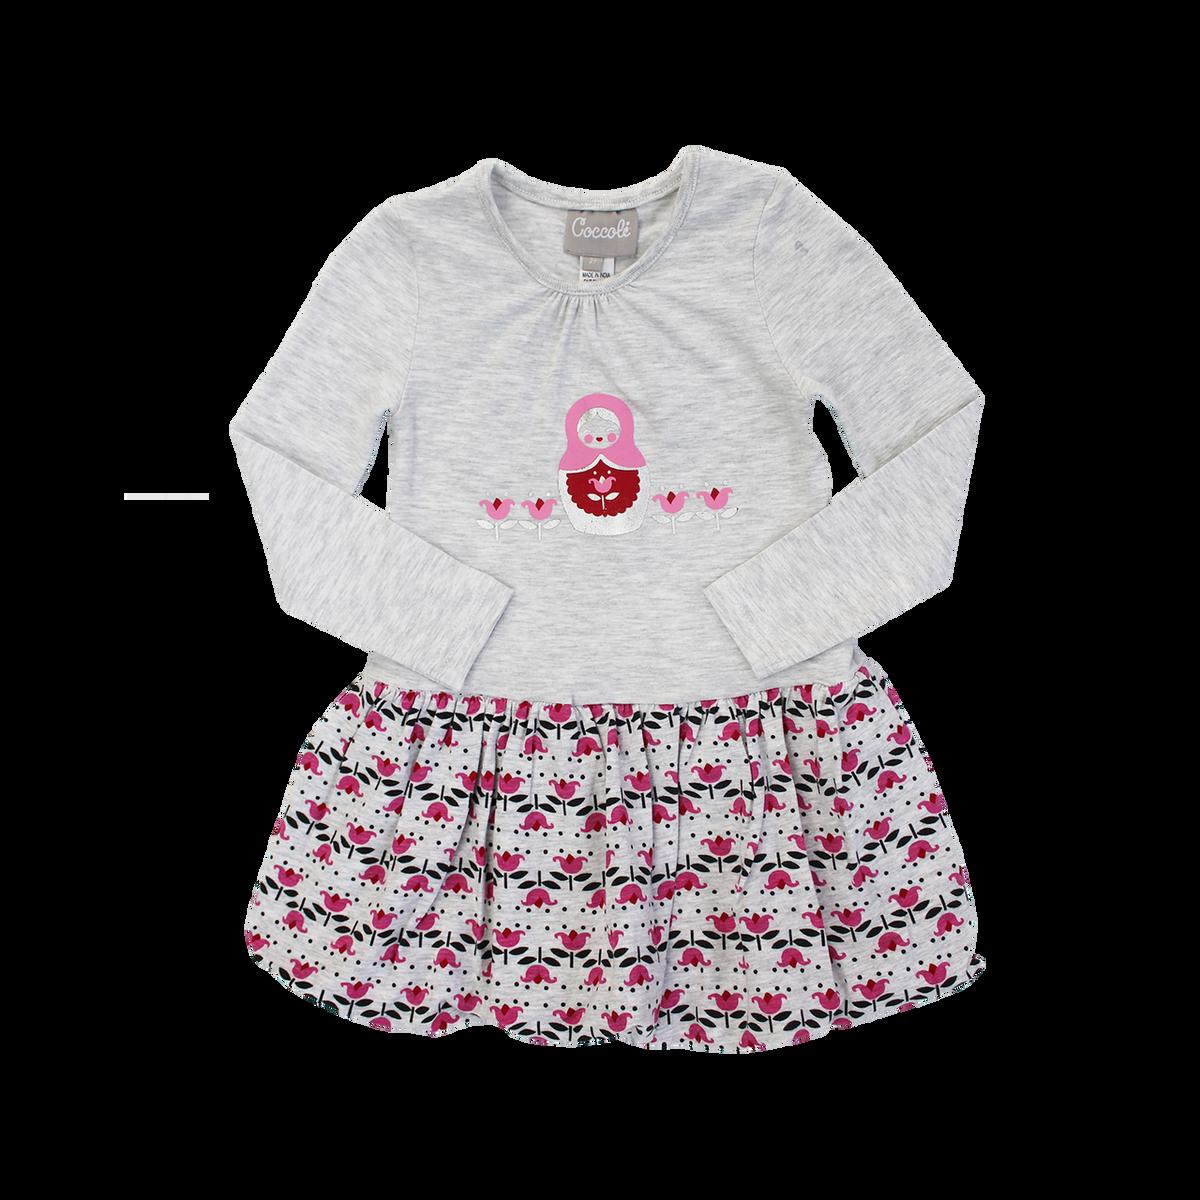 Coccoli Jersey   Dress   3 - 24m   44114-162